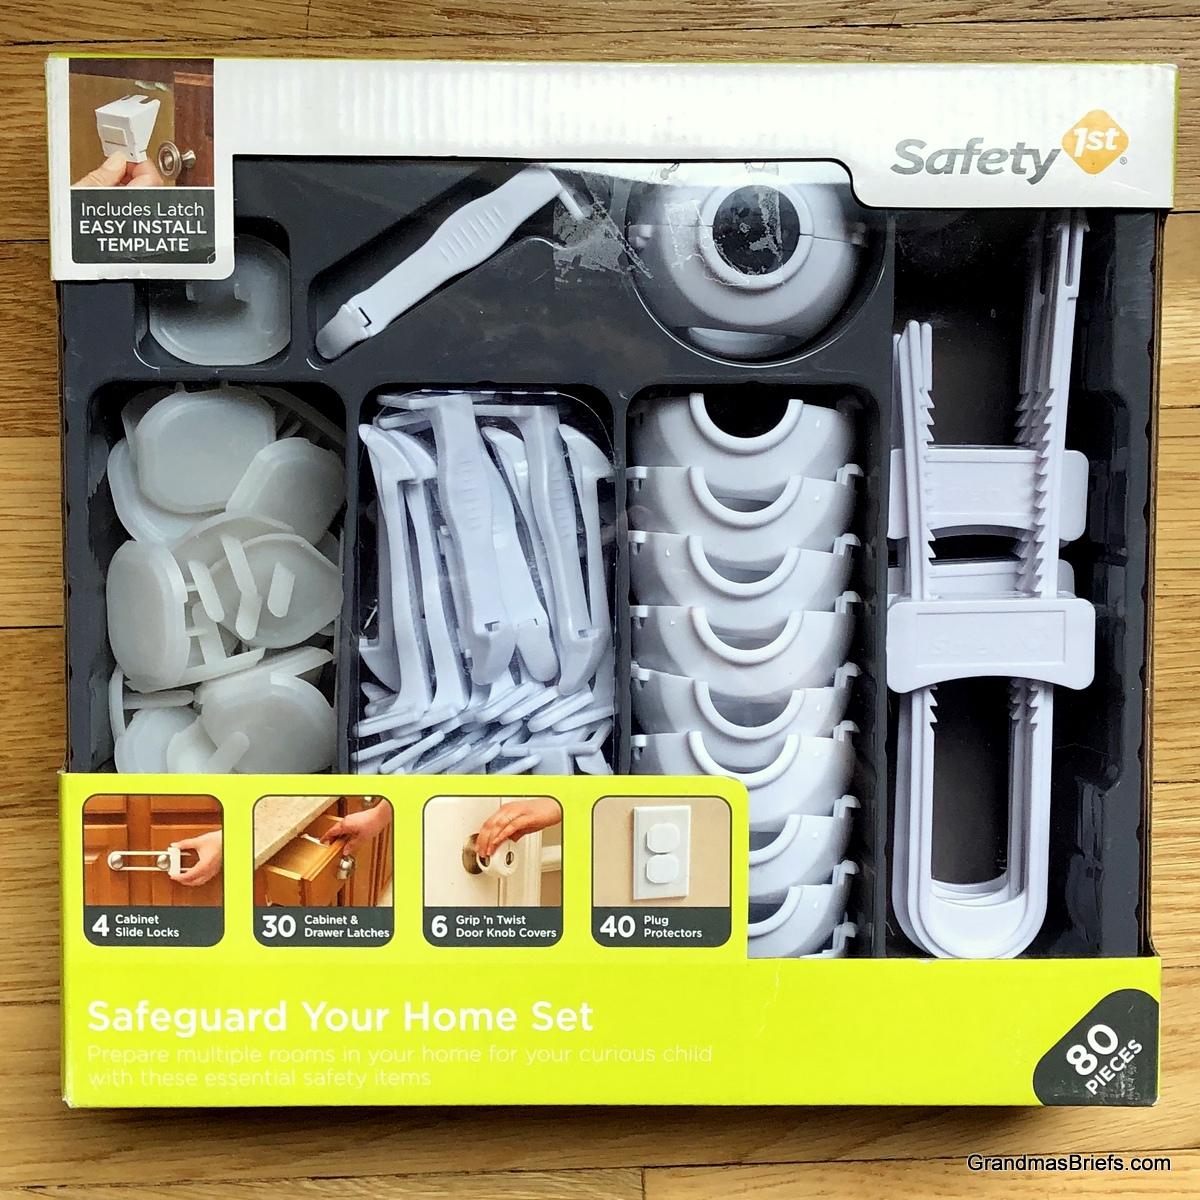 safety1st essentials front.jpg